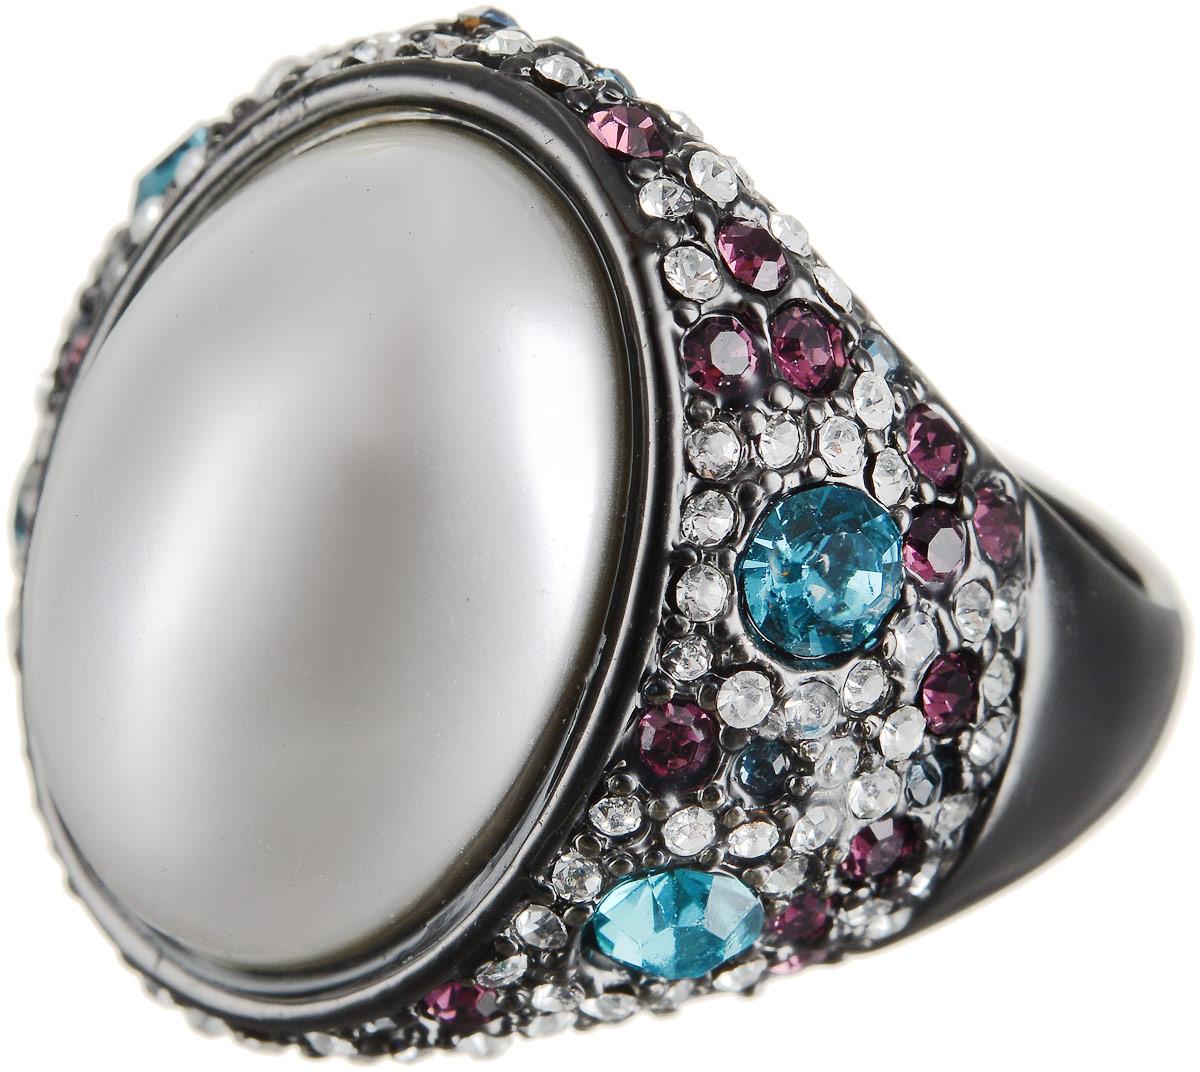 Кольцо Art-Silver, цвет: черный, перламутровый. 066079-601-1202. Размер 16,5066079-601-1202Оригинальное кольцо Art-Silver выполнено из бижутерного сплава с гальваническим покрытием. Кольцо украшено декоративными вставками. Элегантное кольцо Art-Silver превосходно дополнит ваш образ и подчеркнет отменное чувство стиля своей обладательницы.